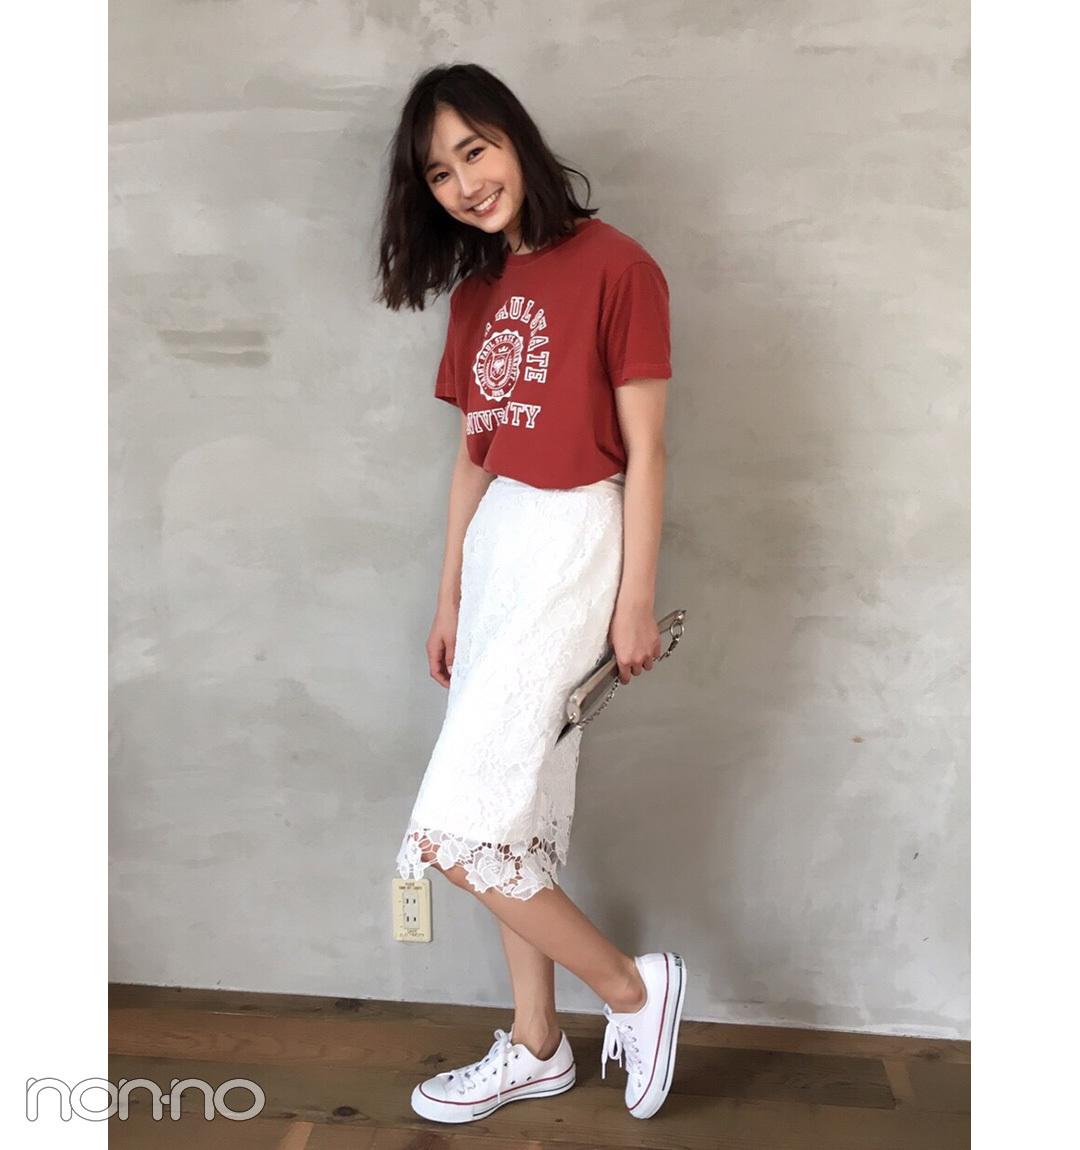 鈴木友菜はレーススカート×Tシャツで上手にカジュアルMIX【毎日コーデ】_1_1